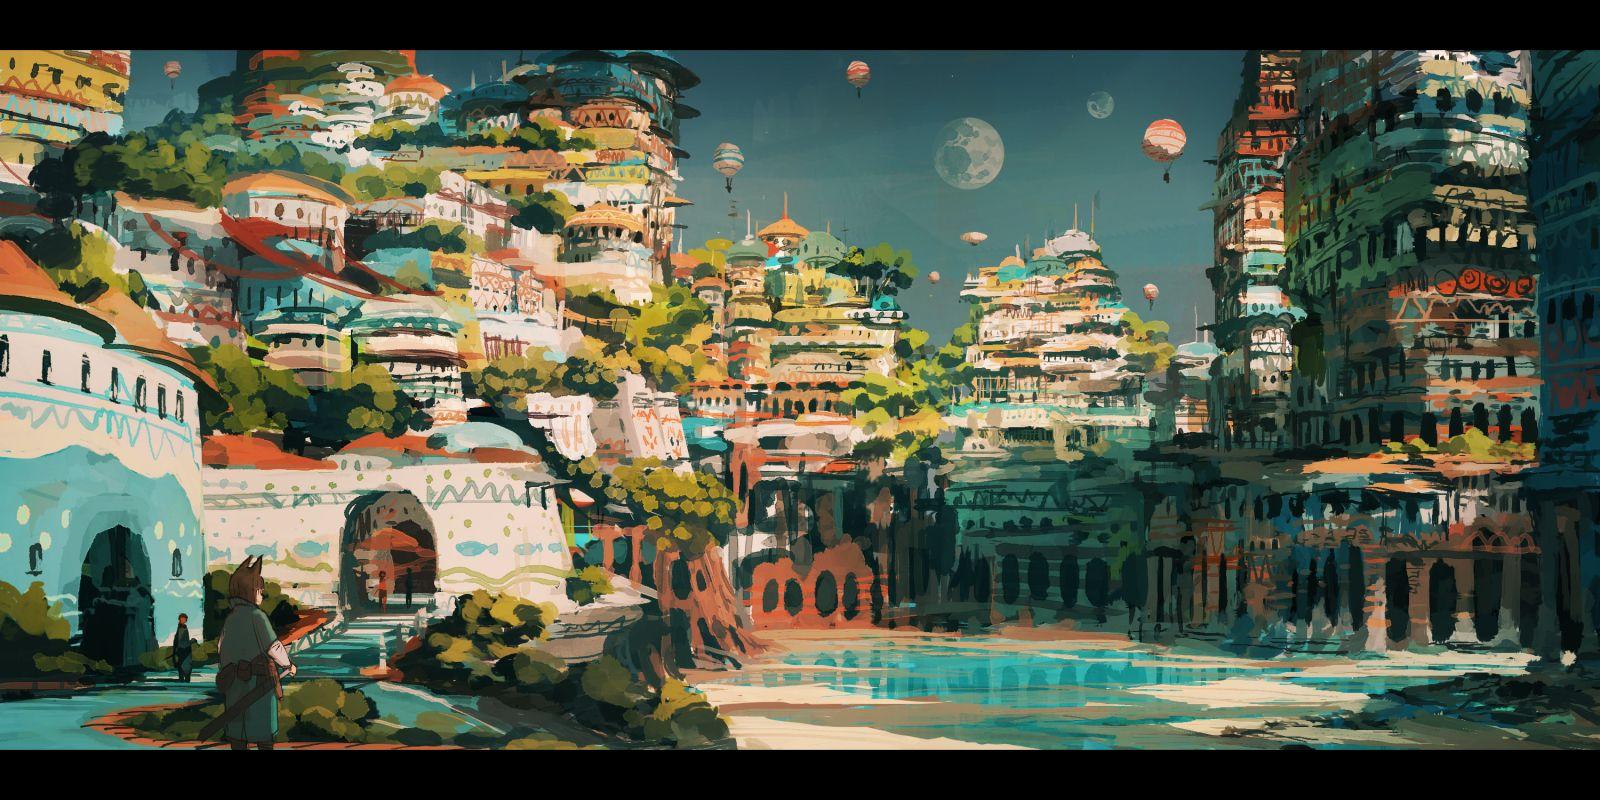 水の街」/「ジャン・ポポ」のイラスト [pixiv] | cyberpunk/fantasy